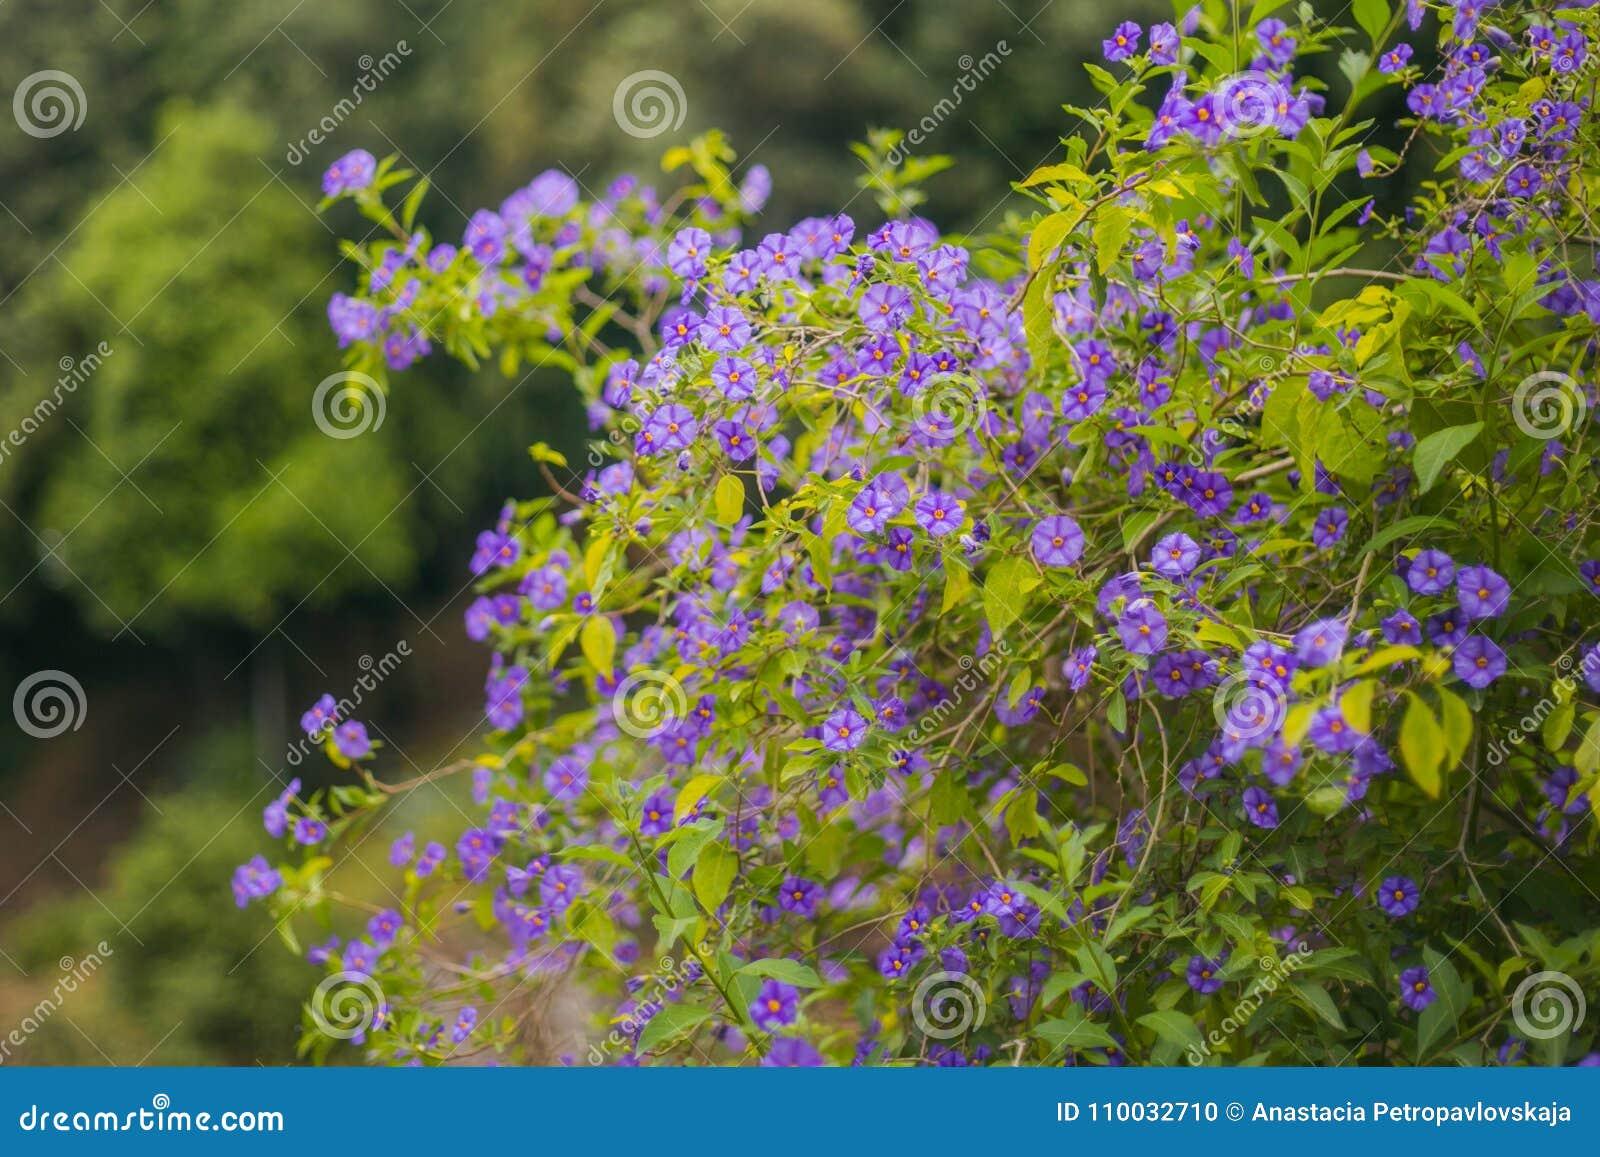 De struik van de lentebloemen - violette kleur